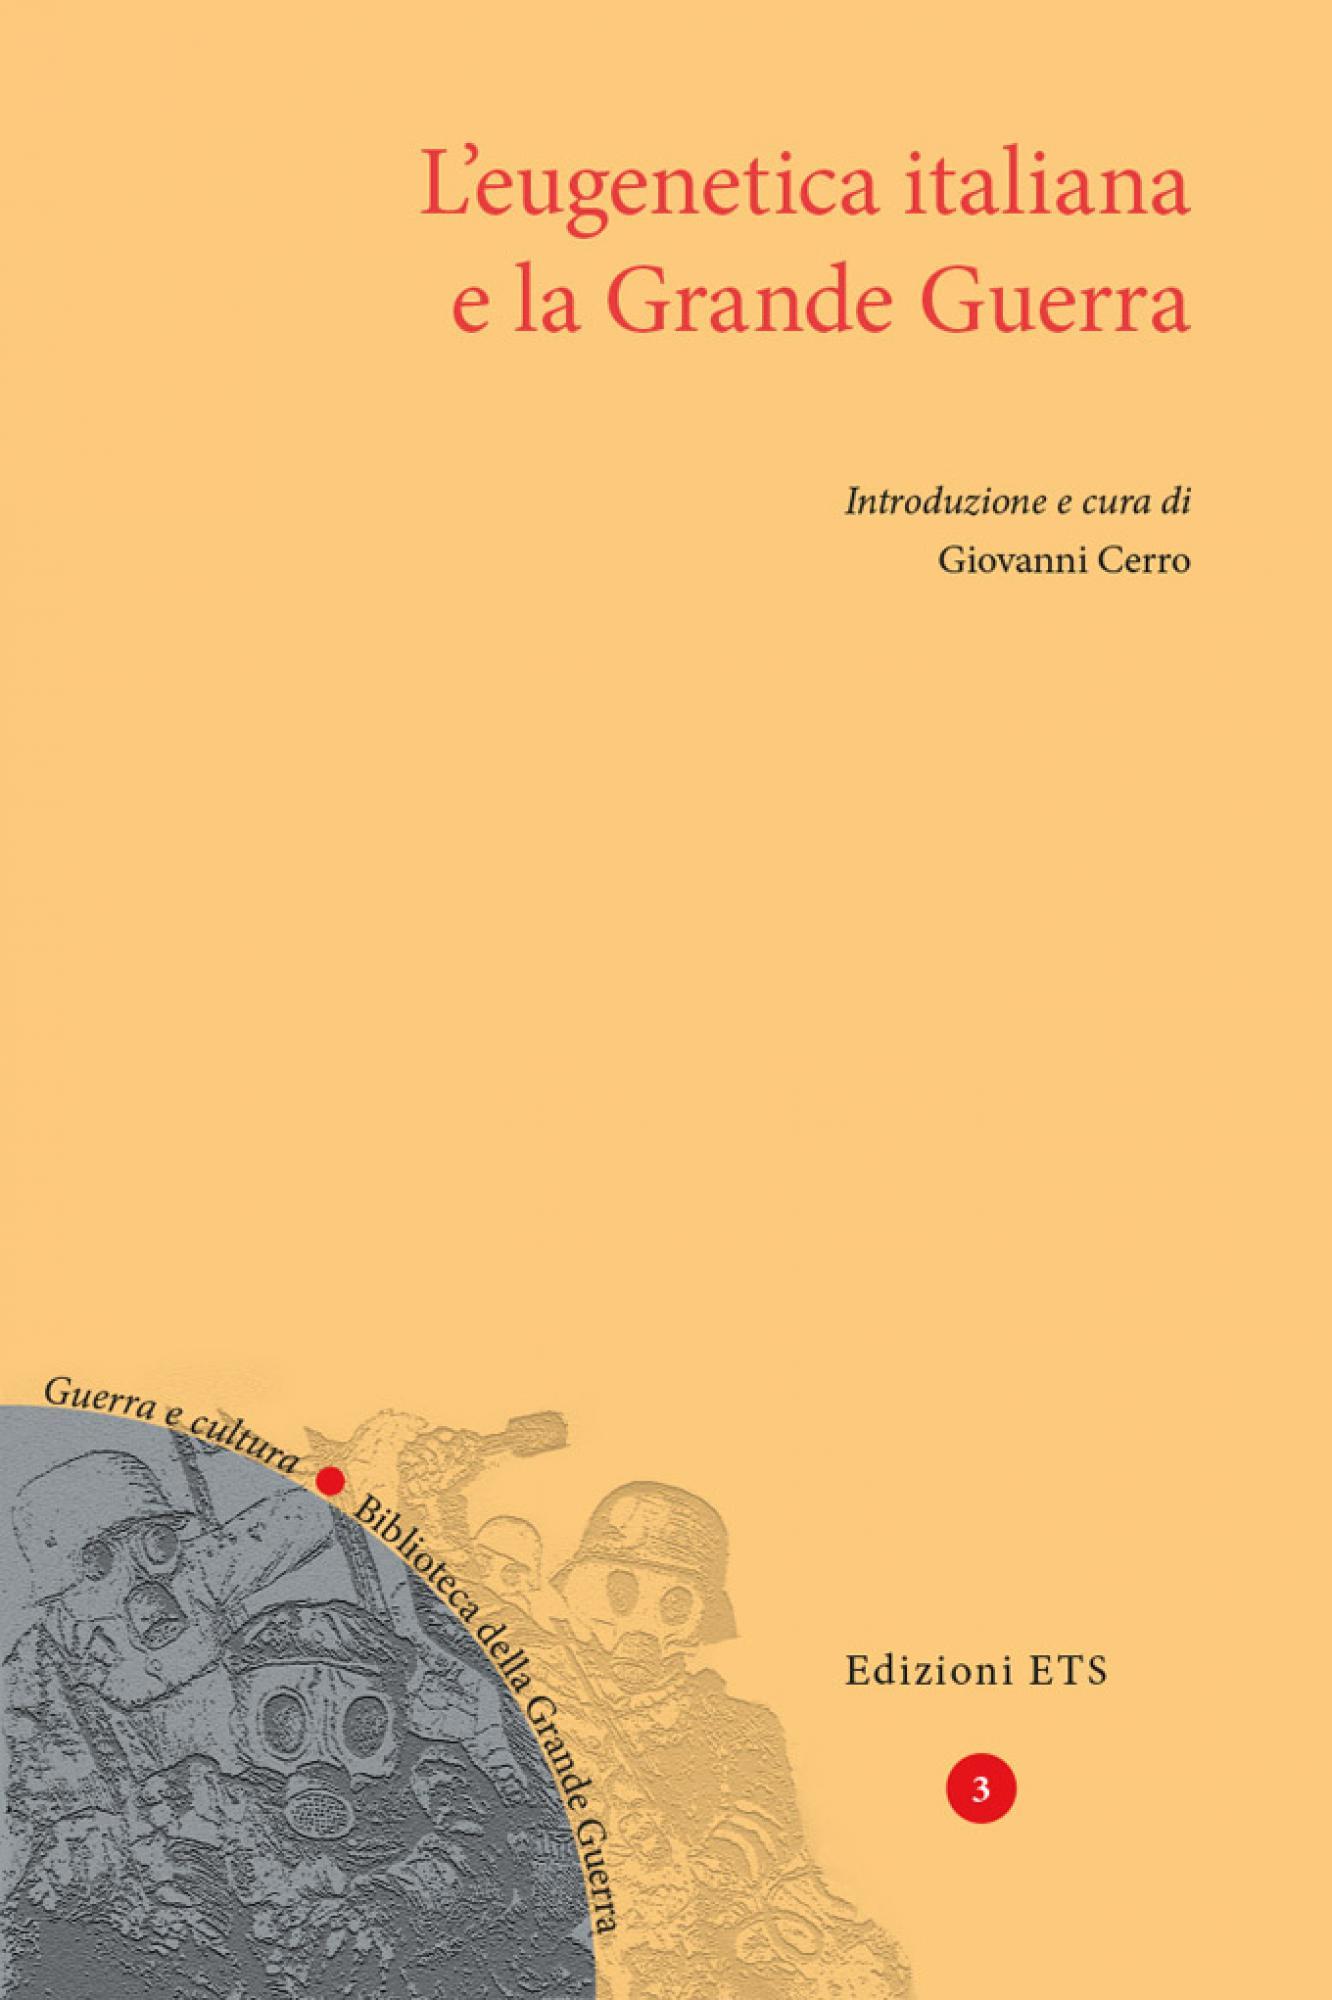 L'eugenetica italiana e la Grande Guerra